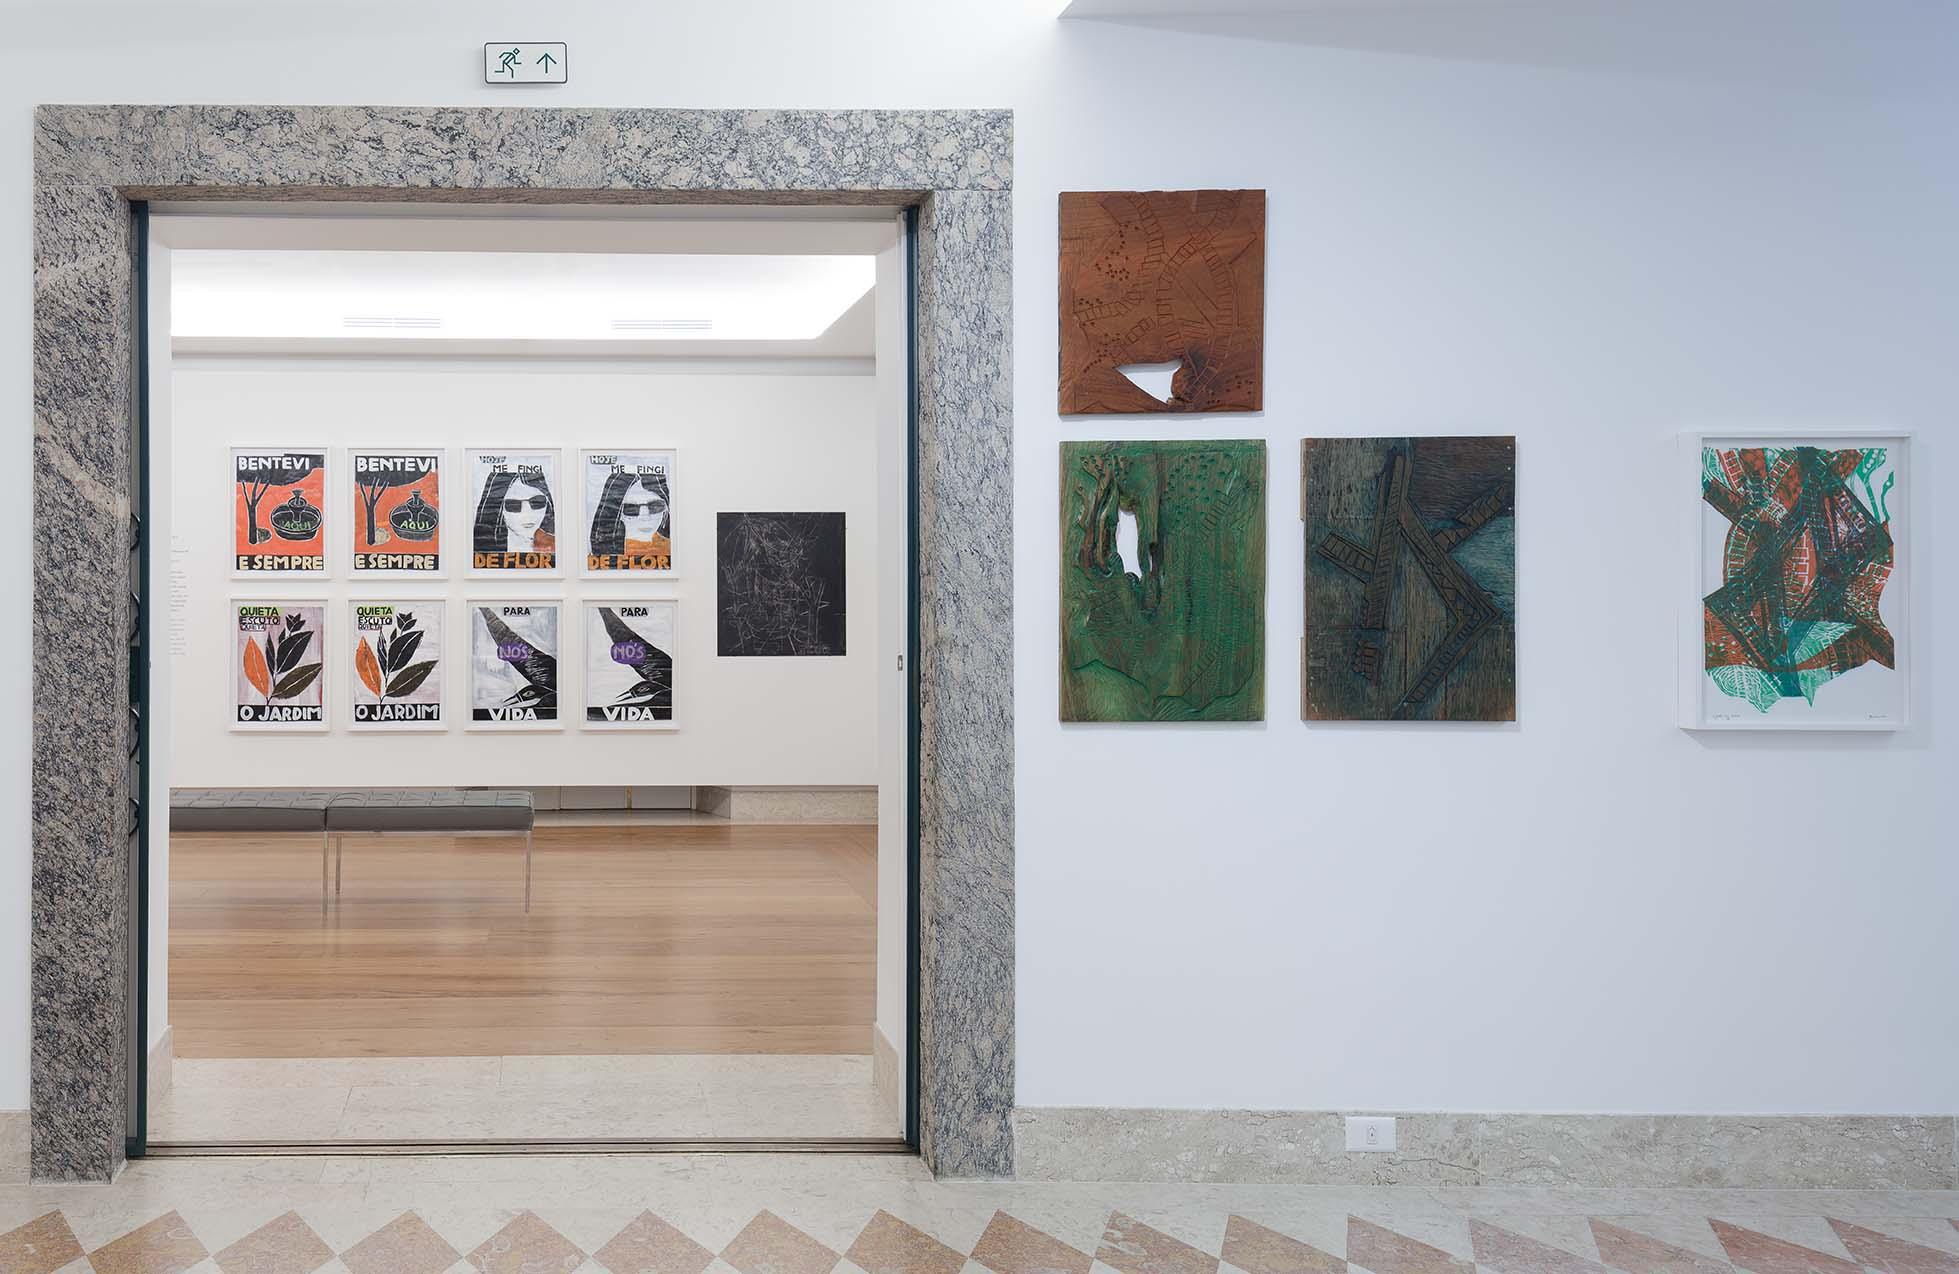 Parede da Casa Roberto Marinho com três quadros. Ao fundo, sala de exposição com diversos quadros presos à parede